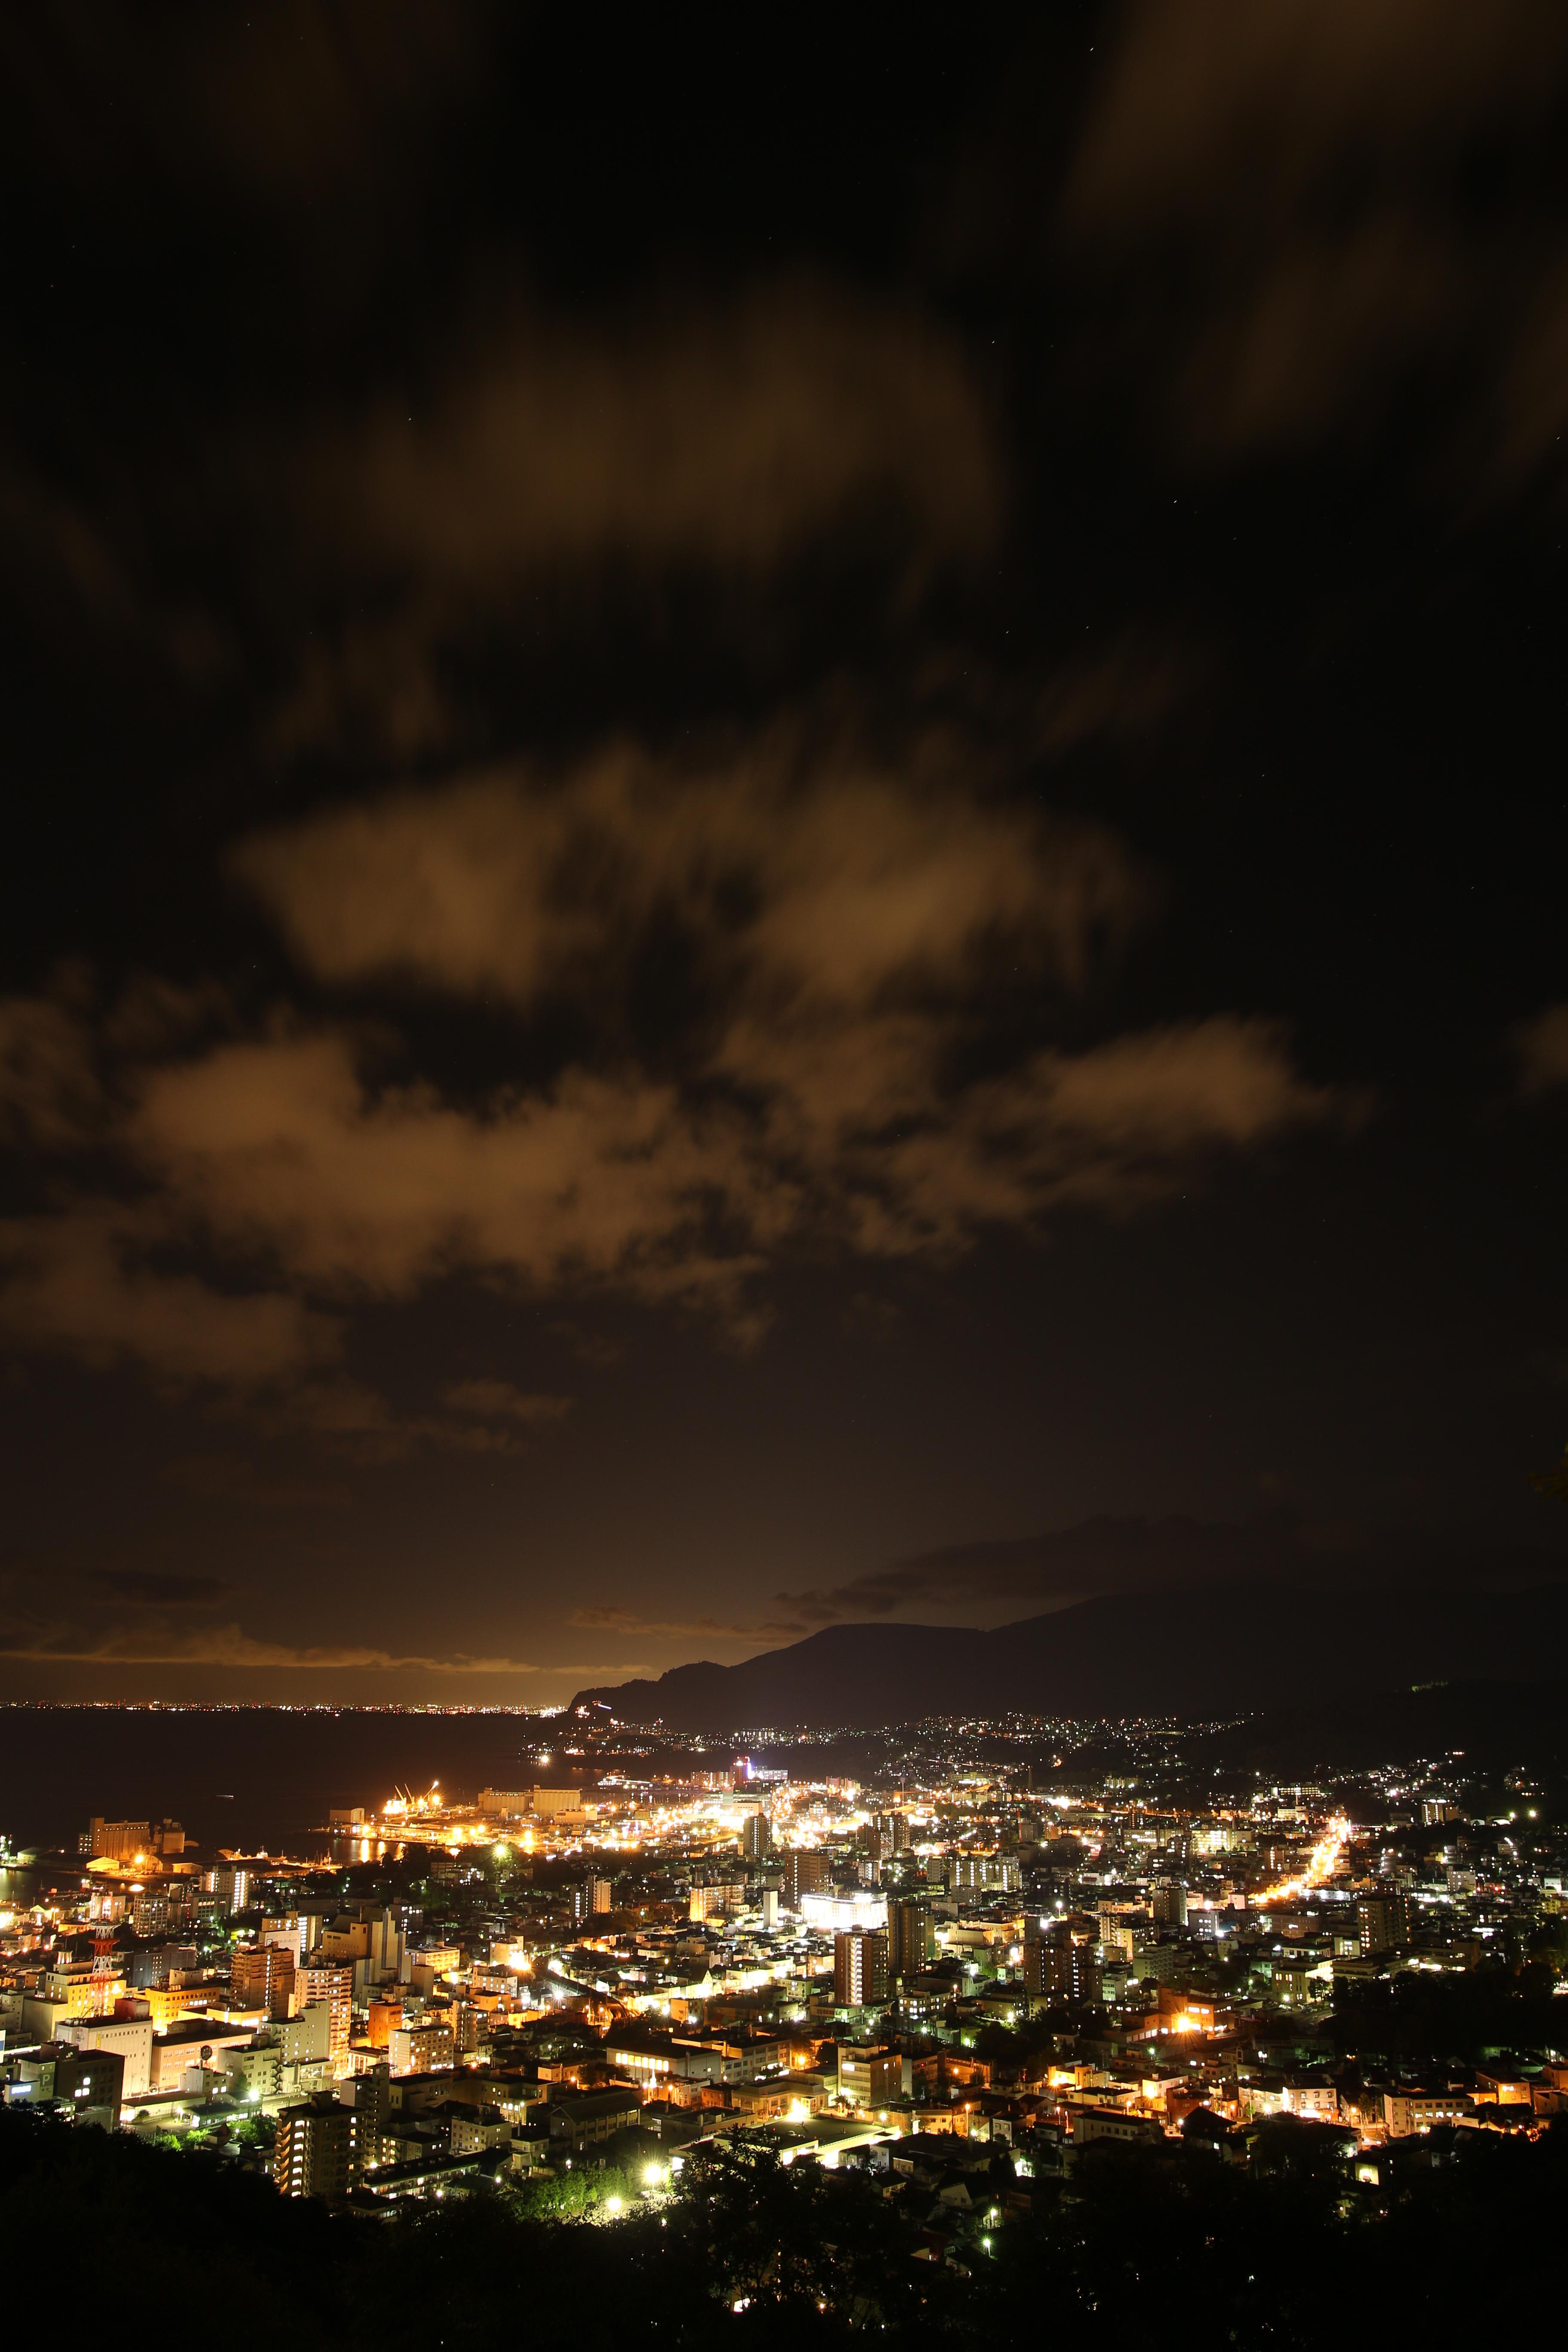 港町の夜景を小高い丘の上の展望台から撮影。街の灯りと港湾施設のオレンジ色の灯りが港町特有の夜の姿となる。レンズはSIGMA 18-35mm F1.8 DC HSMを使用。とかく開放F1.8の明るさが話題となりがちだが、少し絞り込んだ際の画質の高さは驚く程だ。EOS 70Dとの相性も良い。SIGMA 18-35mm F1.8 DC HSM / 15秒 / F4 / 0EV / ISO100 / マニュアル / WB:太陽光 / 18mm